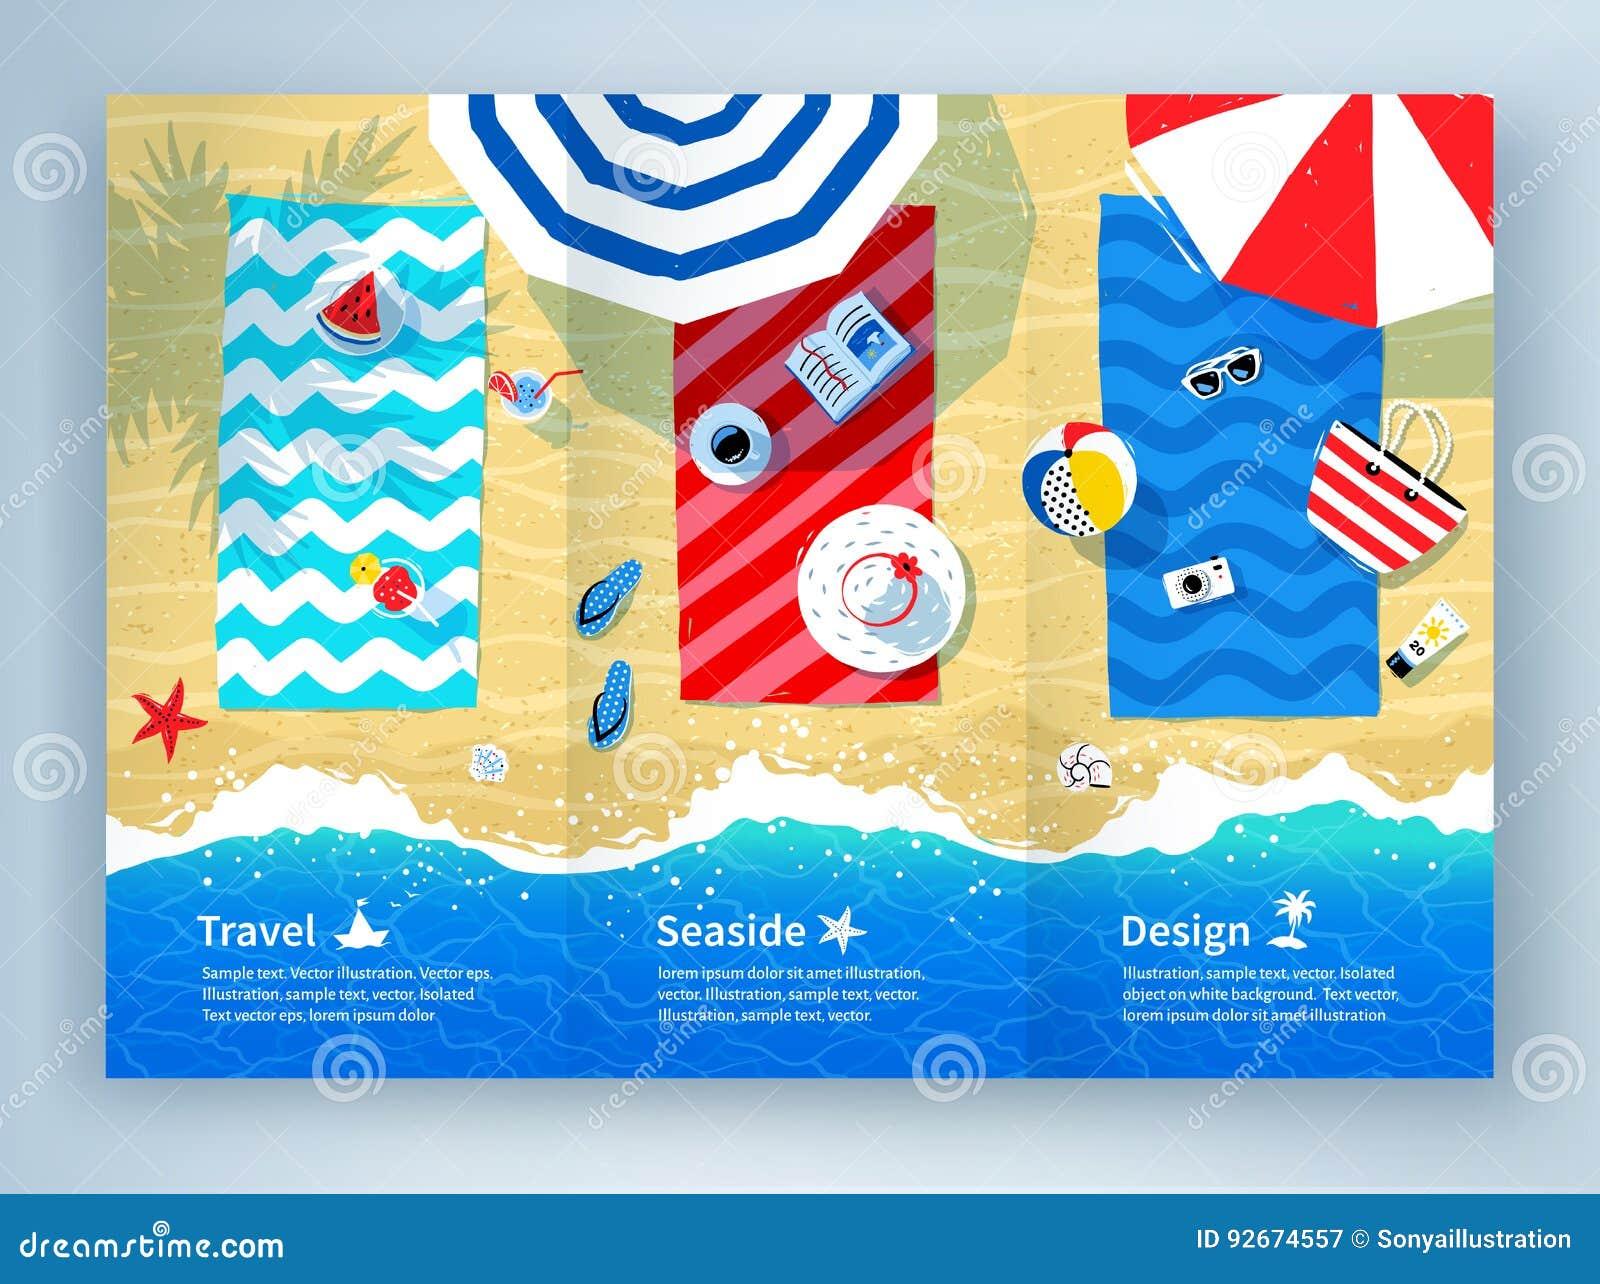 summer vacation tri fold brochure design stock vector illustration